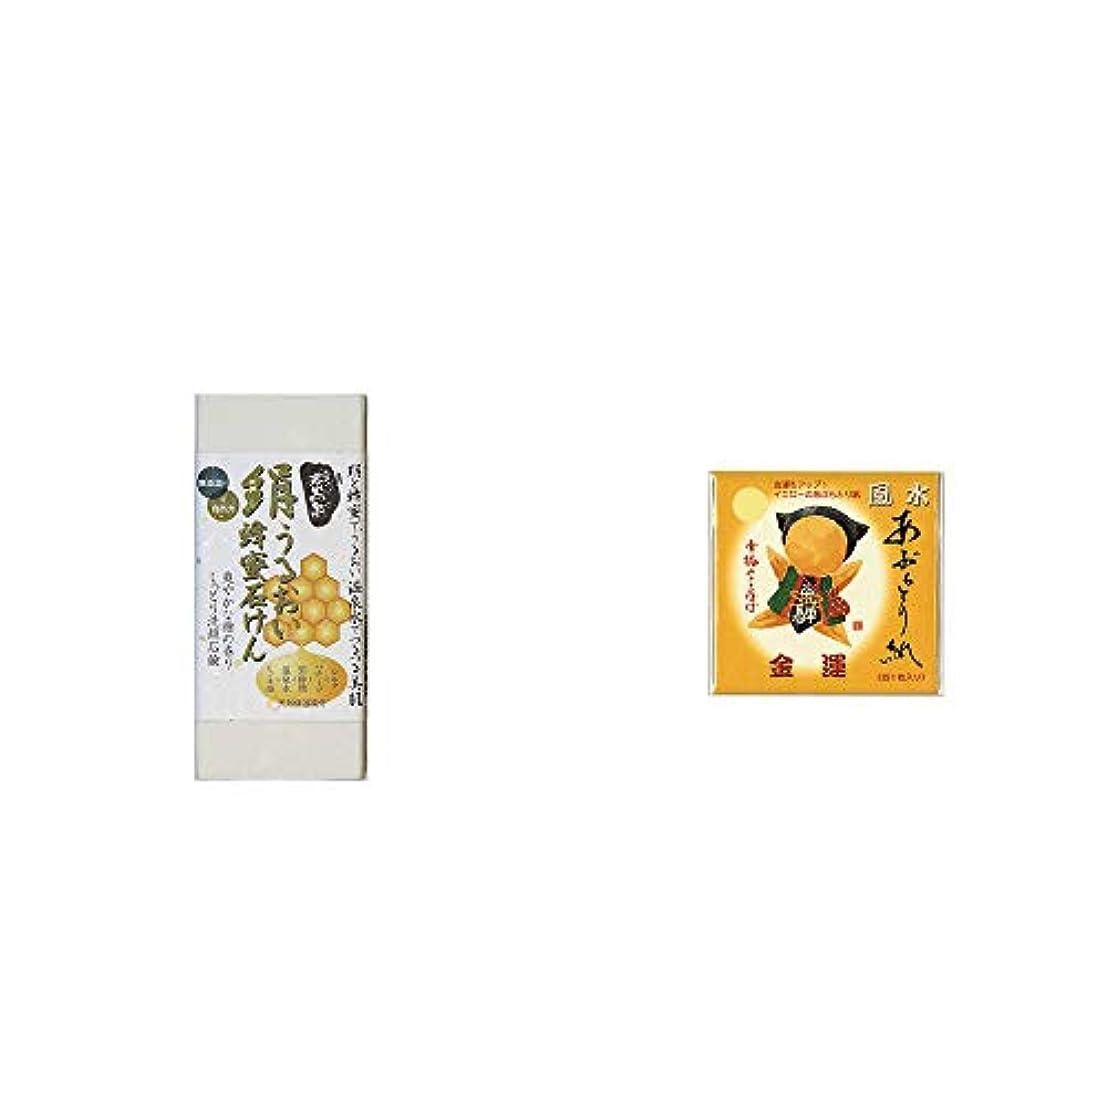 フィヨルド方法論傷つける[2点セット] ひのき炭黒泉 絹うるおい蜂蜜石けん(75g×2)?さるぼぼ 風水あぶらとり紙【イエロー】